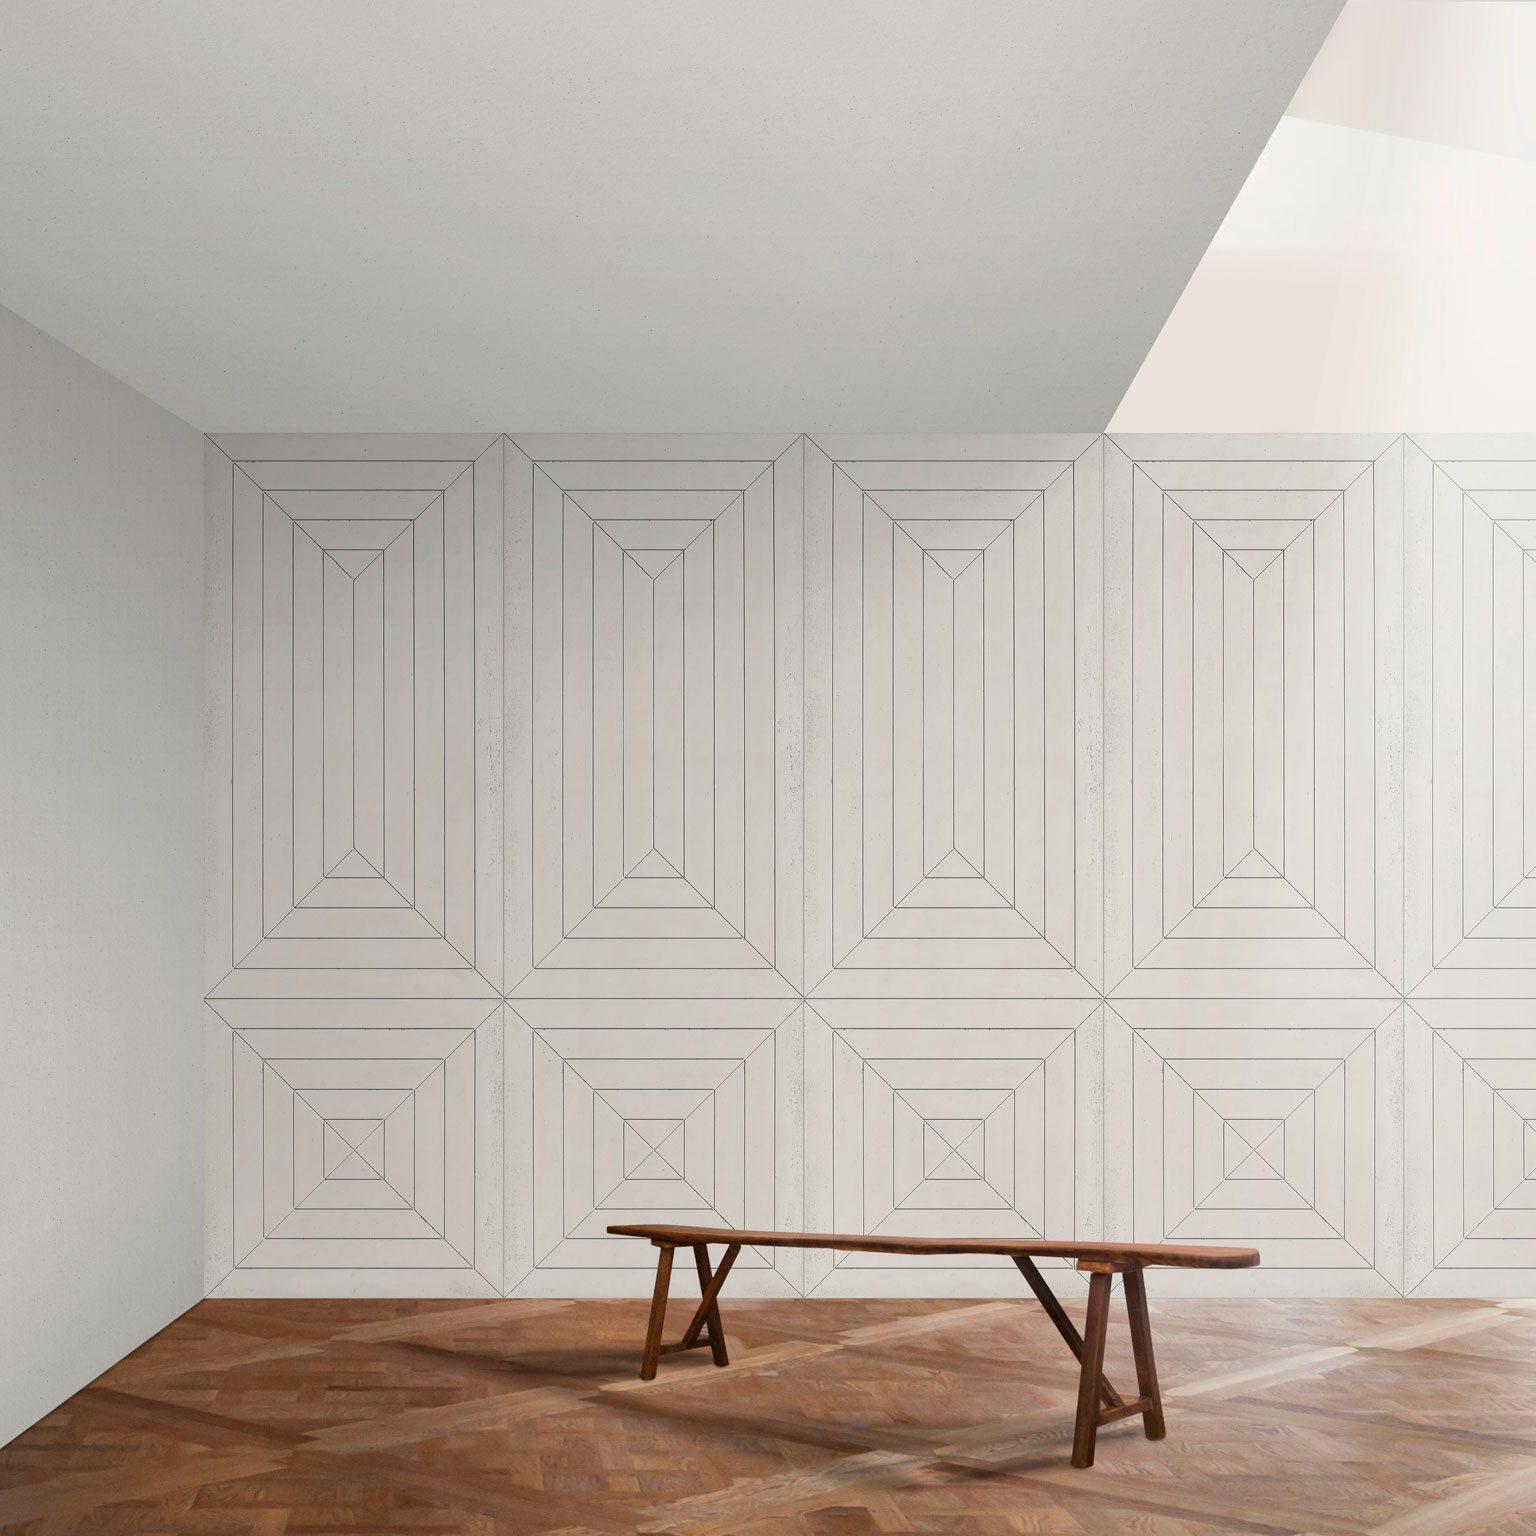 Panbeton, un pan en beton déssiné par Ich&Kar. Moderne, un pan de mur en beton aux traits géométriques et élégants. Un graphisme qui souligne un jeux de perpective, un jeu d'optique, qui crée un vrai lien entre le passé et le contemporain. Création pour la société Concrete LCDA.